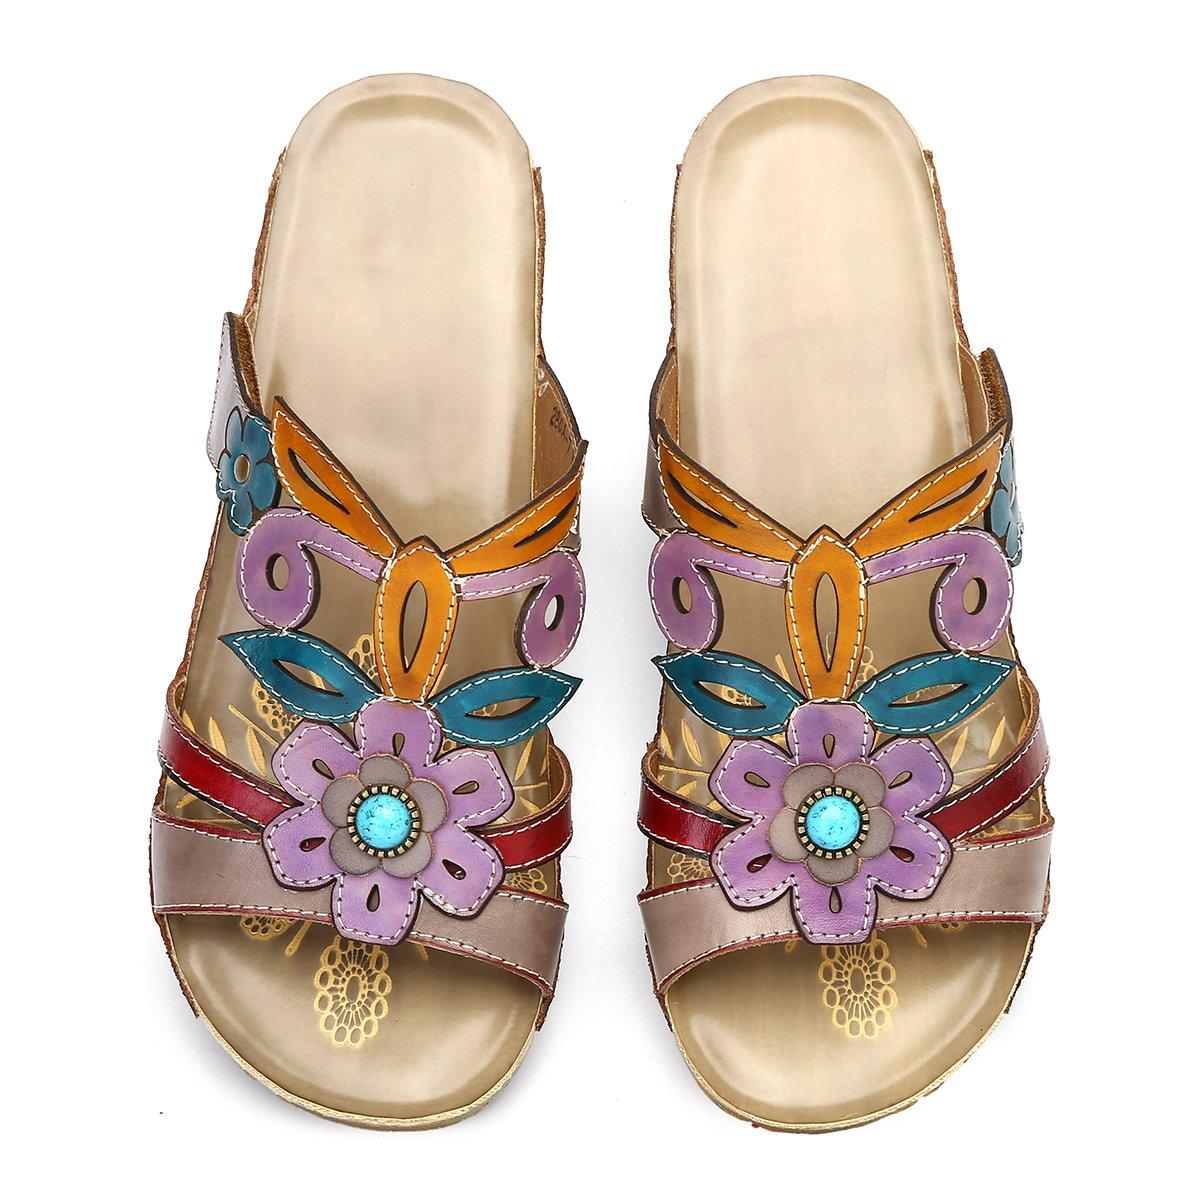 33ca47907cbadc Gracosy Mules Cuir Femmes, Chaussures Été Compensées Sandales Sabots à  Talons Plateformes Semelle Confortable Printemps Eté pour ...